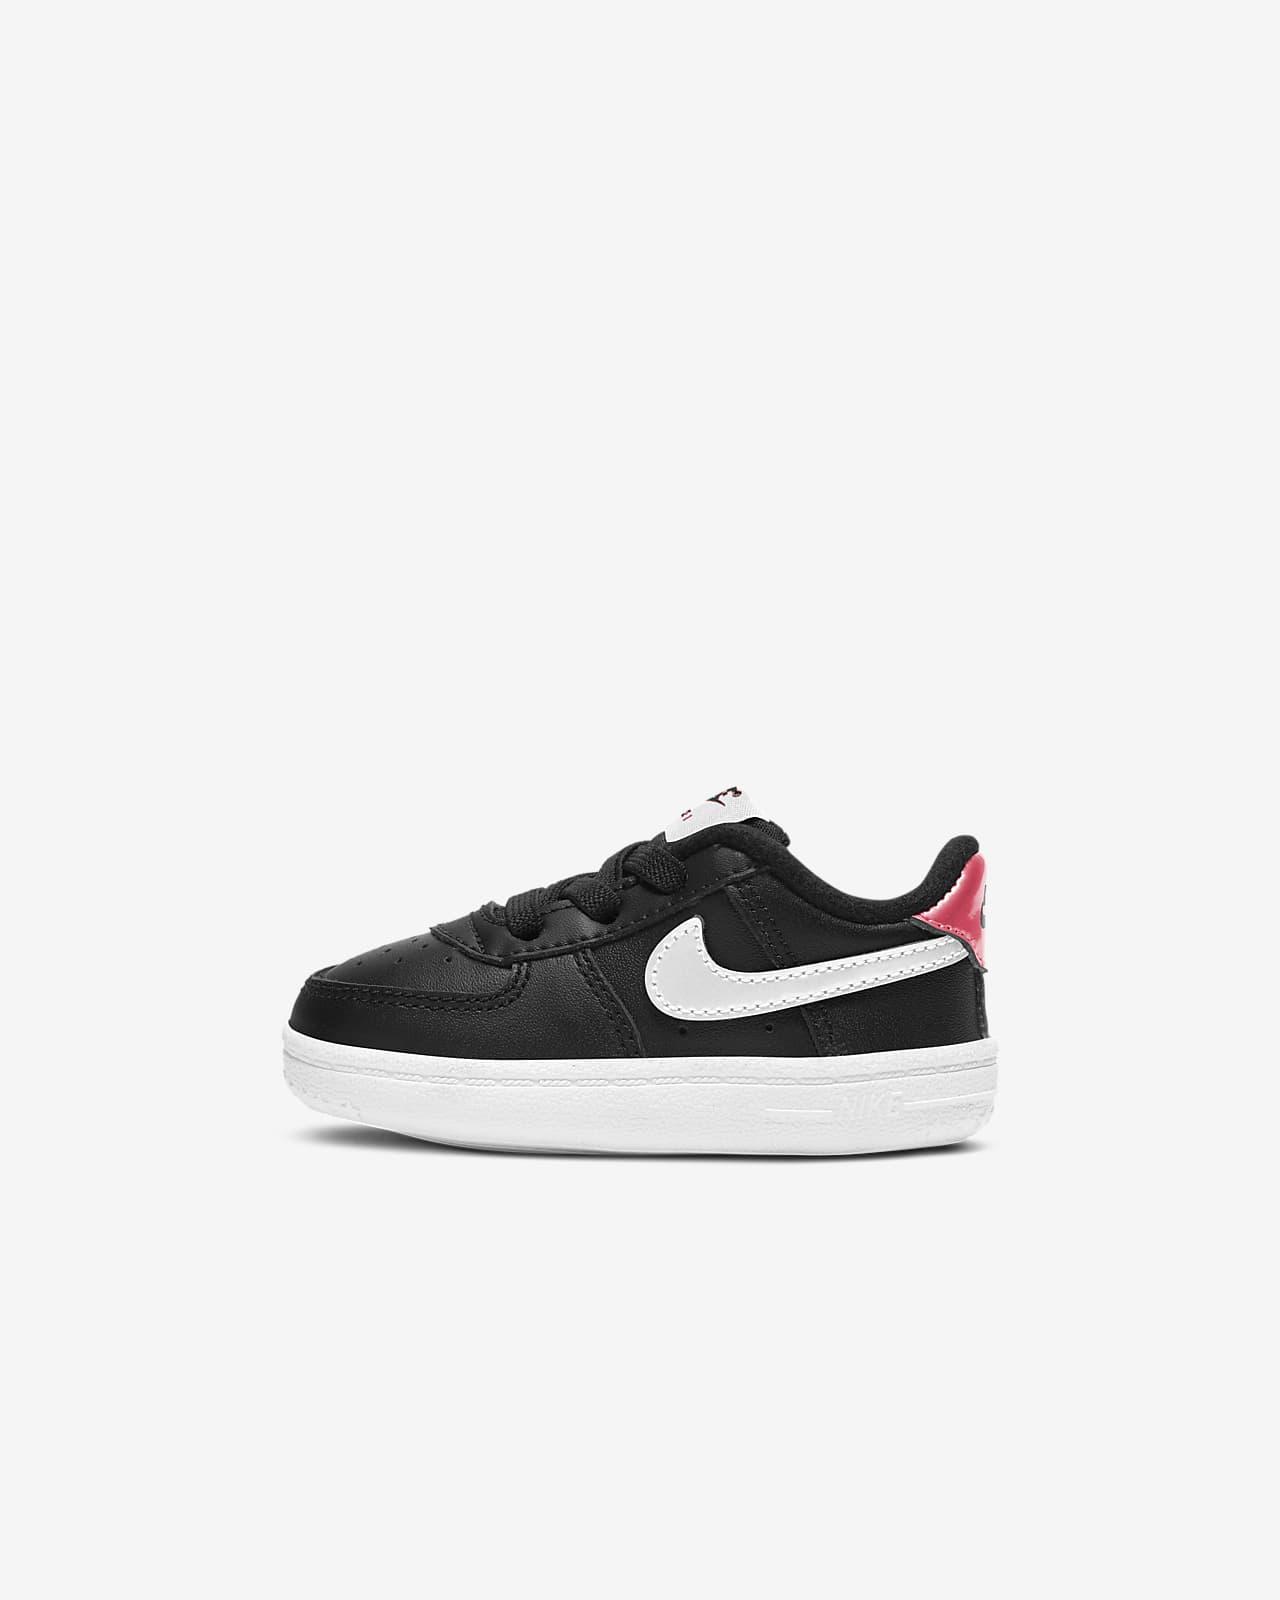 Παπούτσι Nike Force 1 Crib για βρέφη